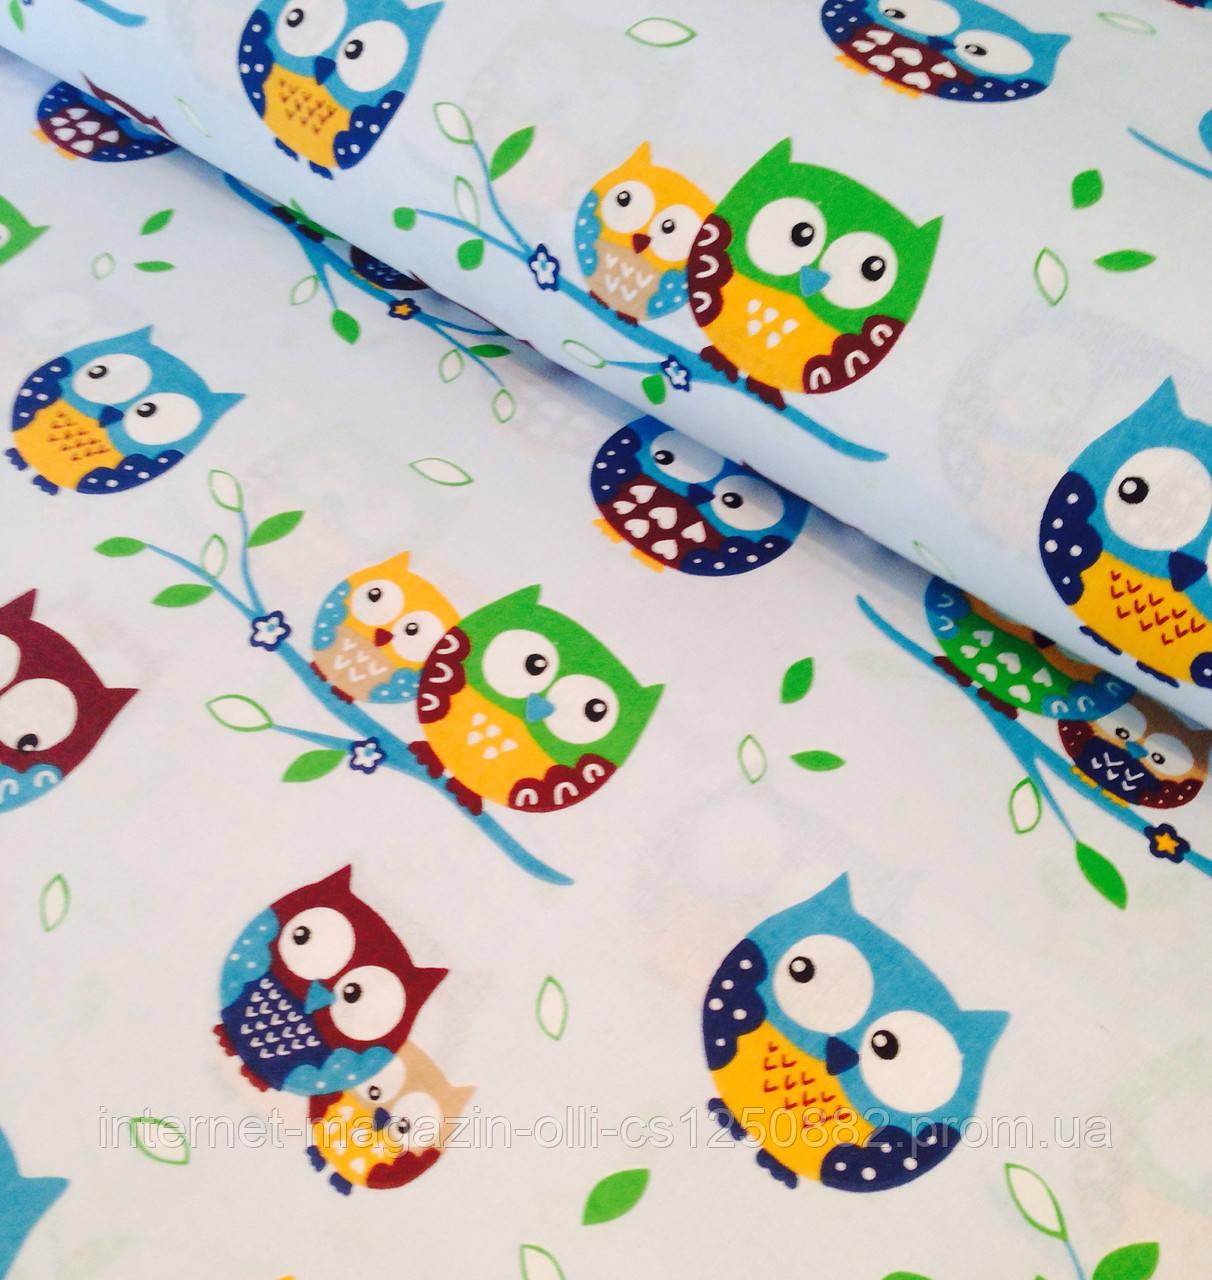 Хлопковая ткань польская совы цветные на голубом